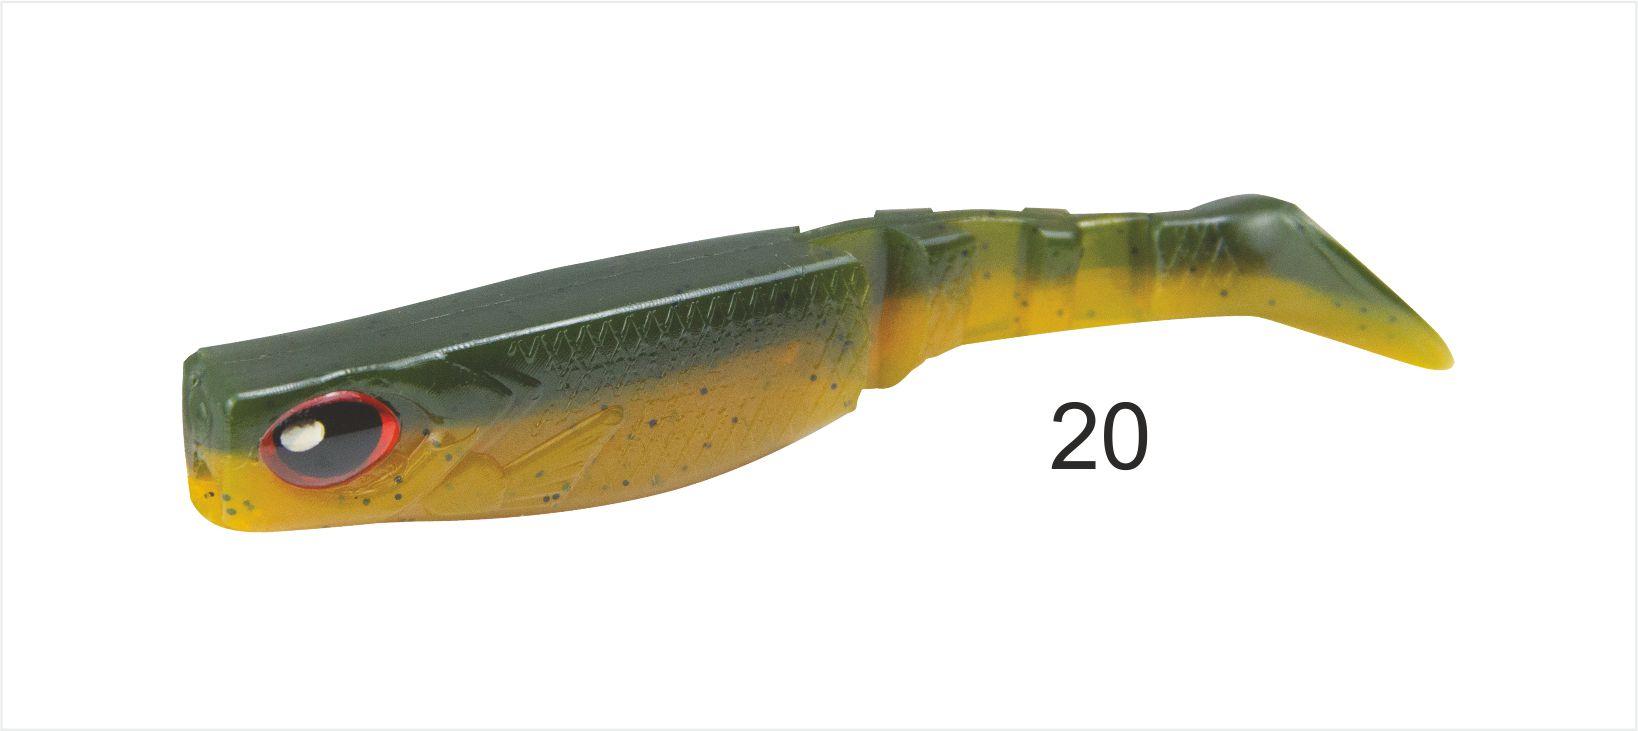 Mistrall gumová nástraha Dominátor 6,5 cm Možnost 20